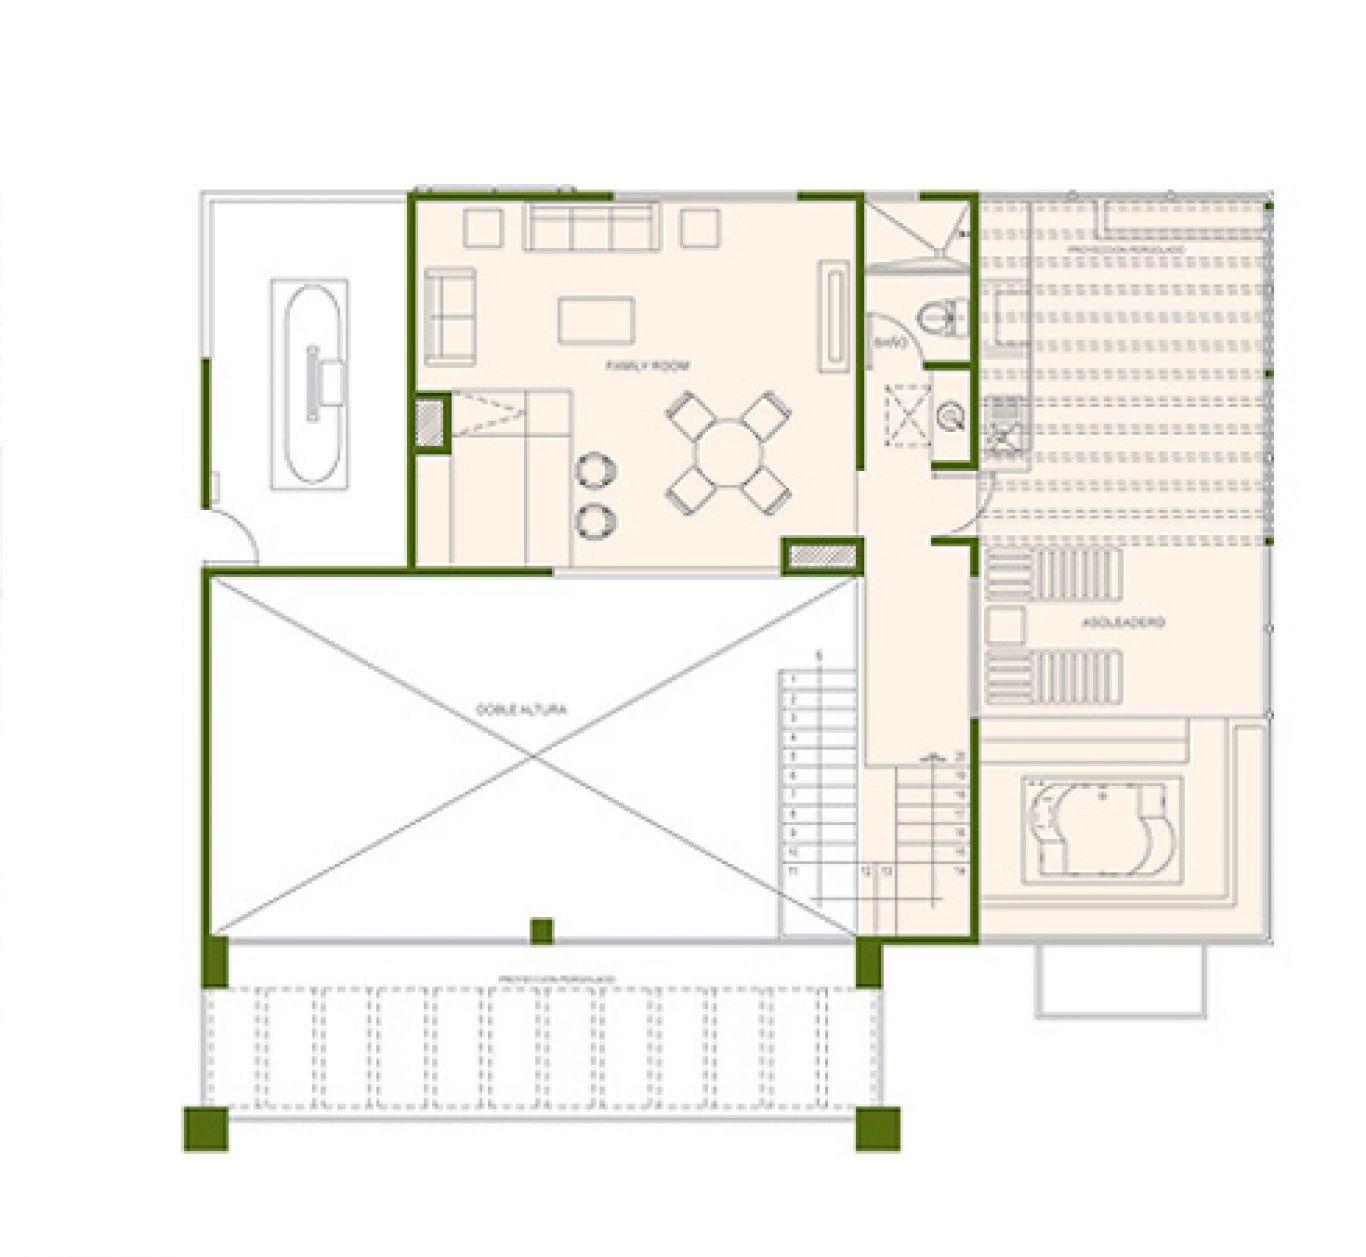 Residencial paraíso country club, id 1525184, no 2, plano de birdie ph, 411